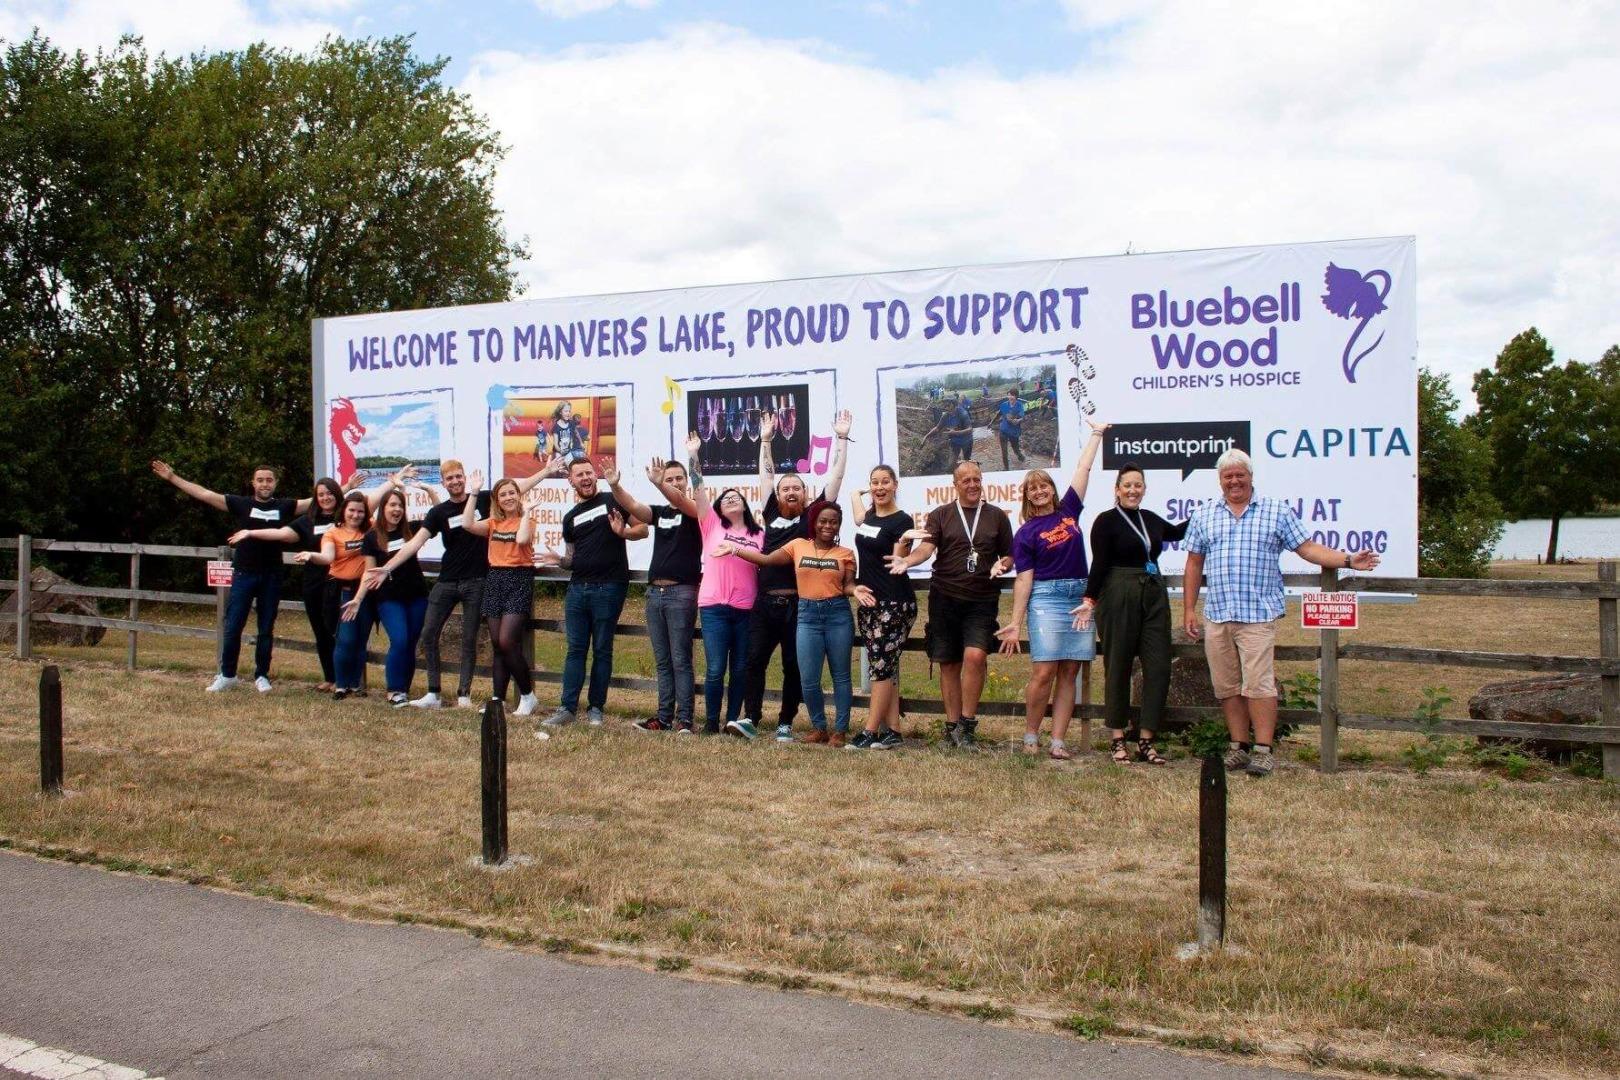 bluebell wood children's hospice PVC banner